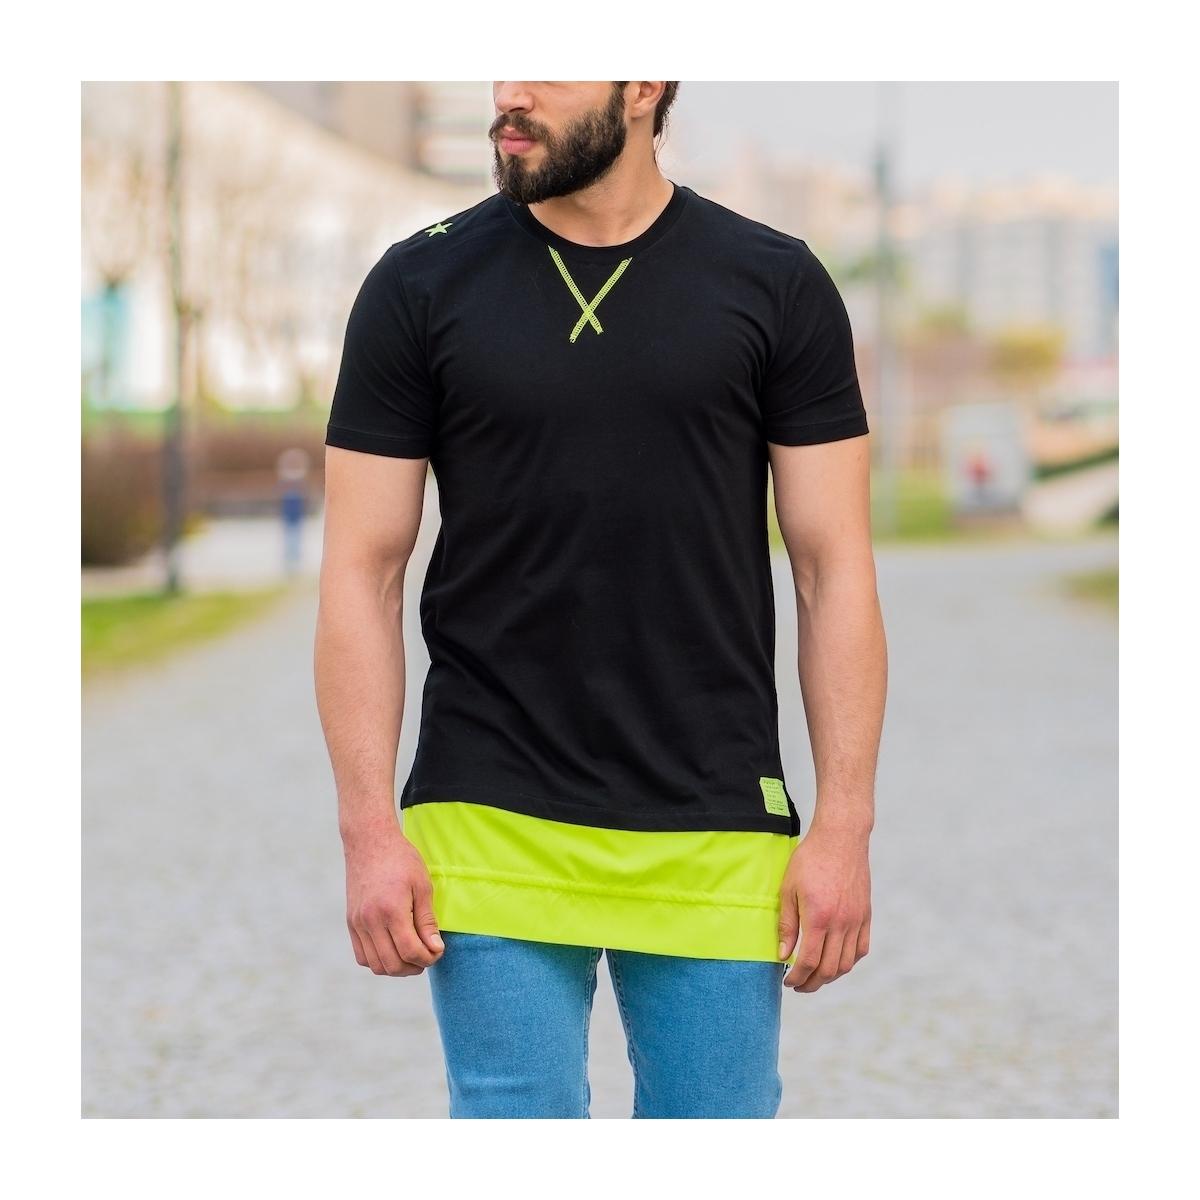 Erkek Uzun Kesim Eteği Yeşil Detaylı Siyah Tişört